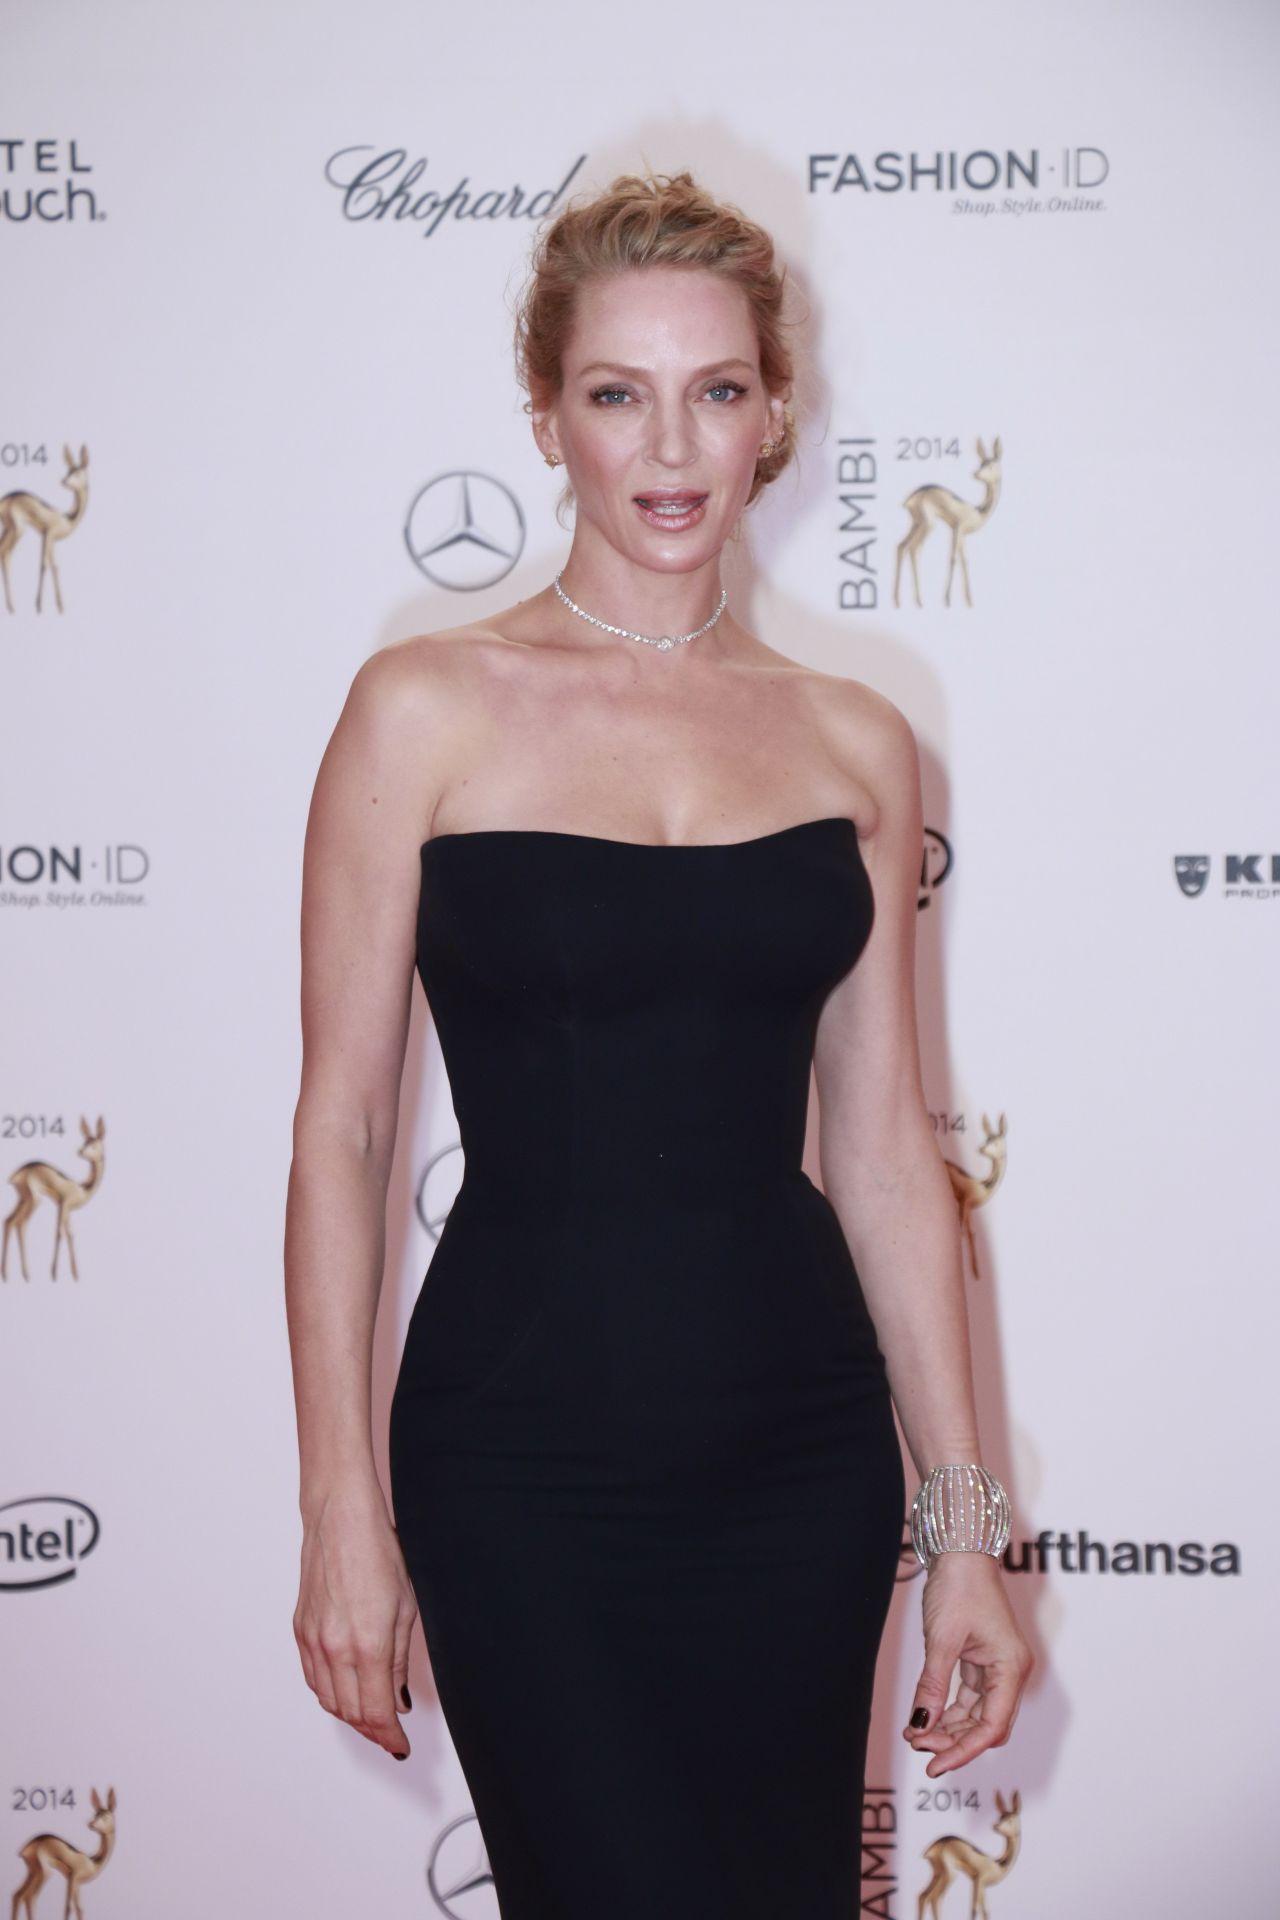 2014 Hollywood Issue Vanity Fair France